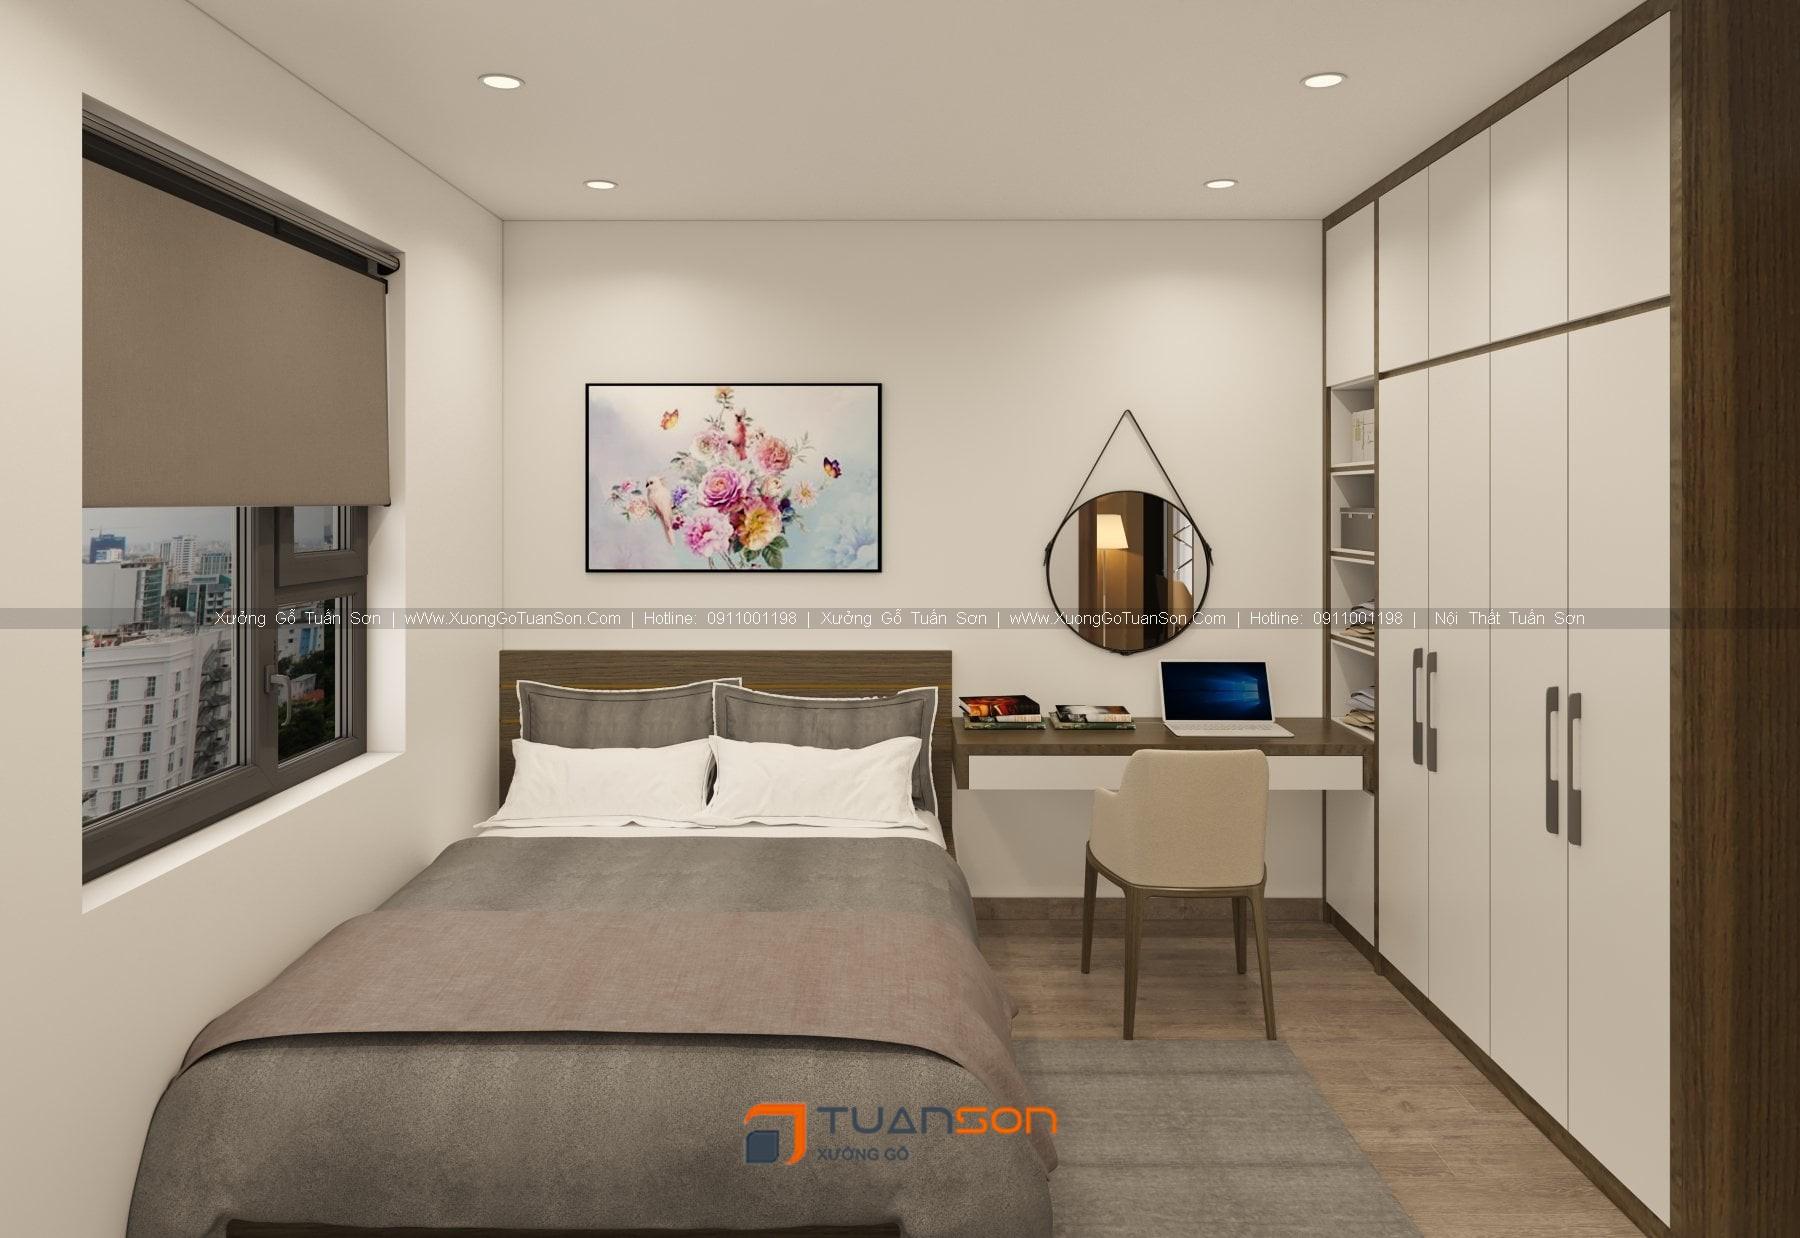 Thiết kế thi công nội thất căn hộ IEC Thanh Trì